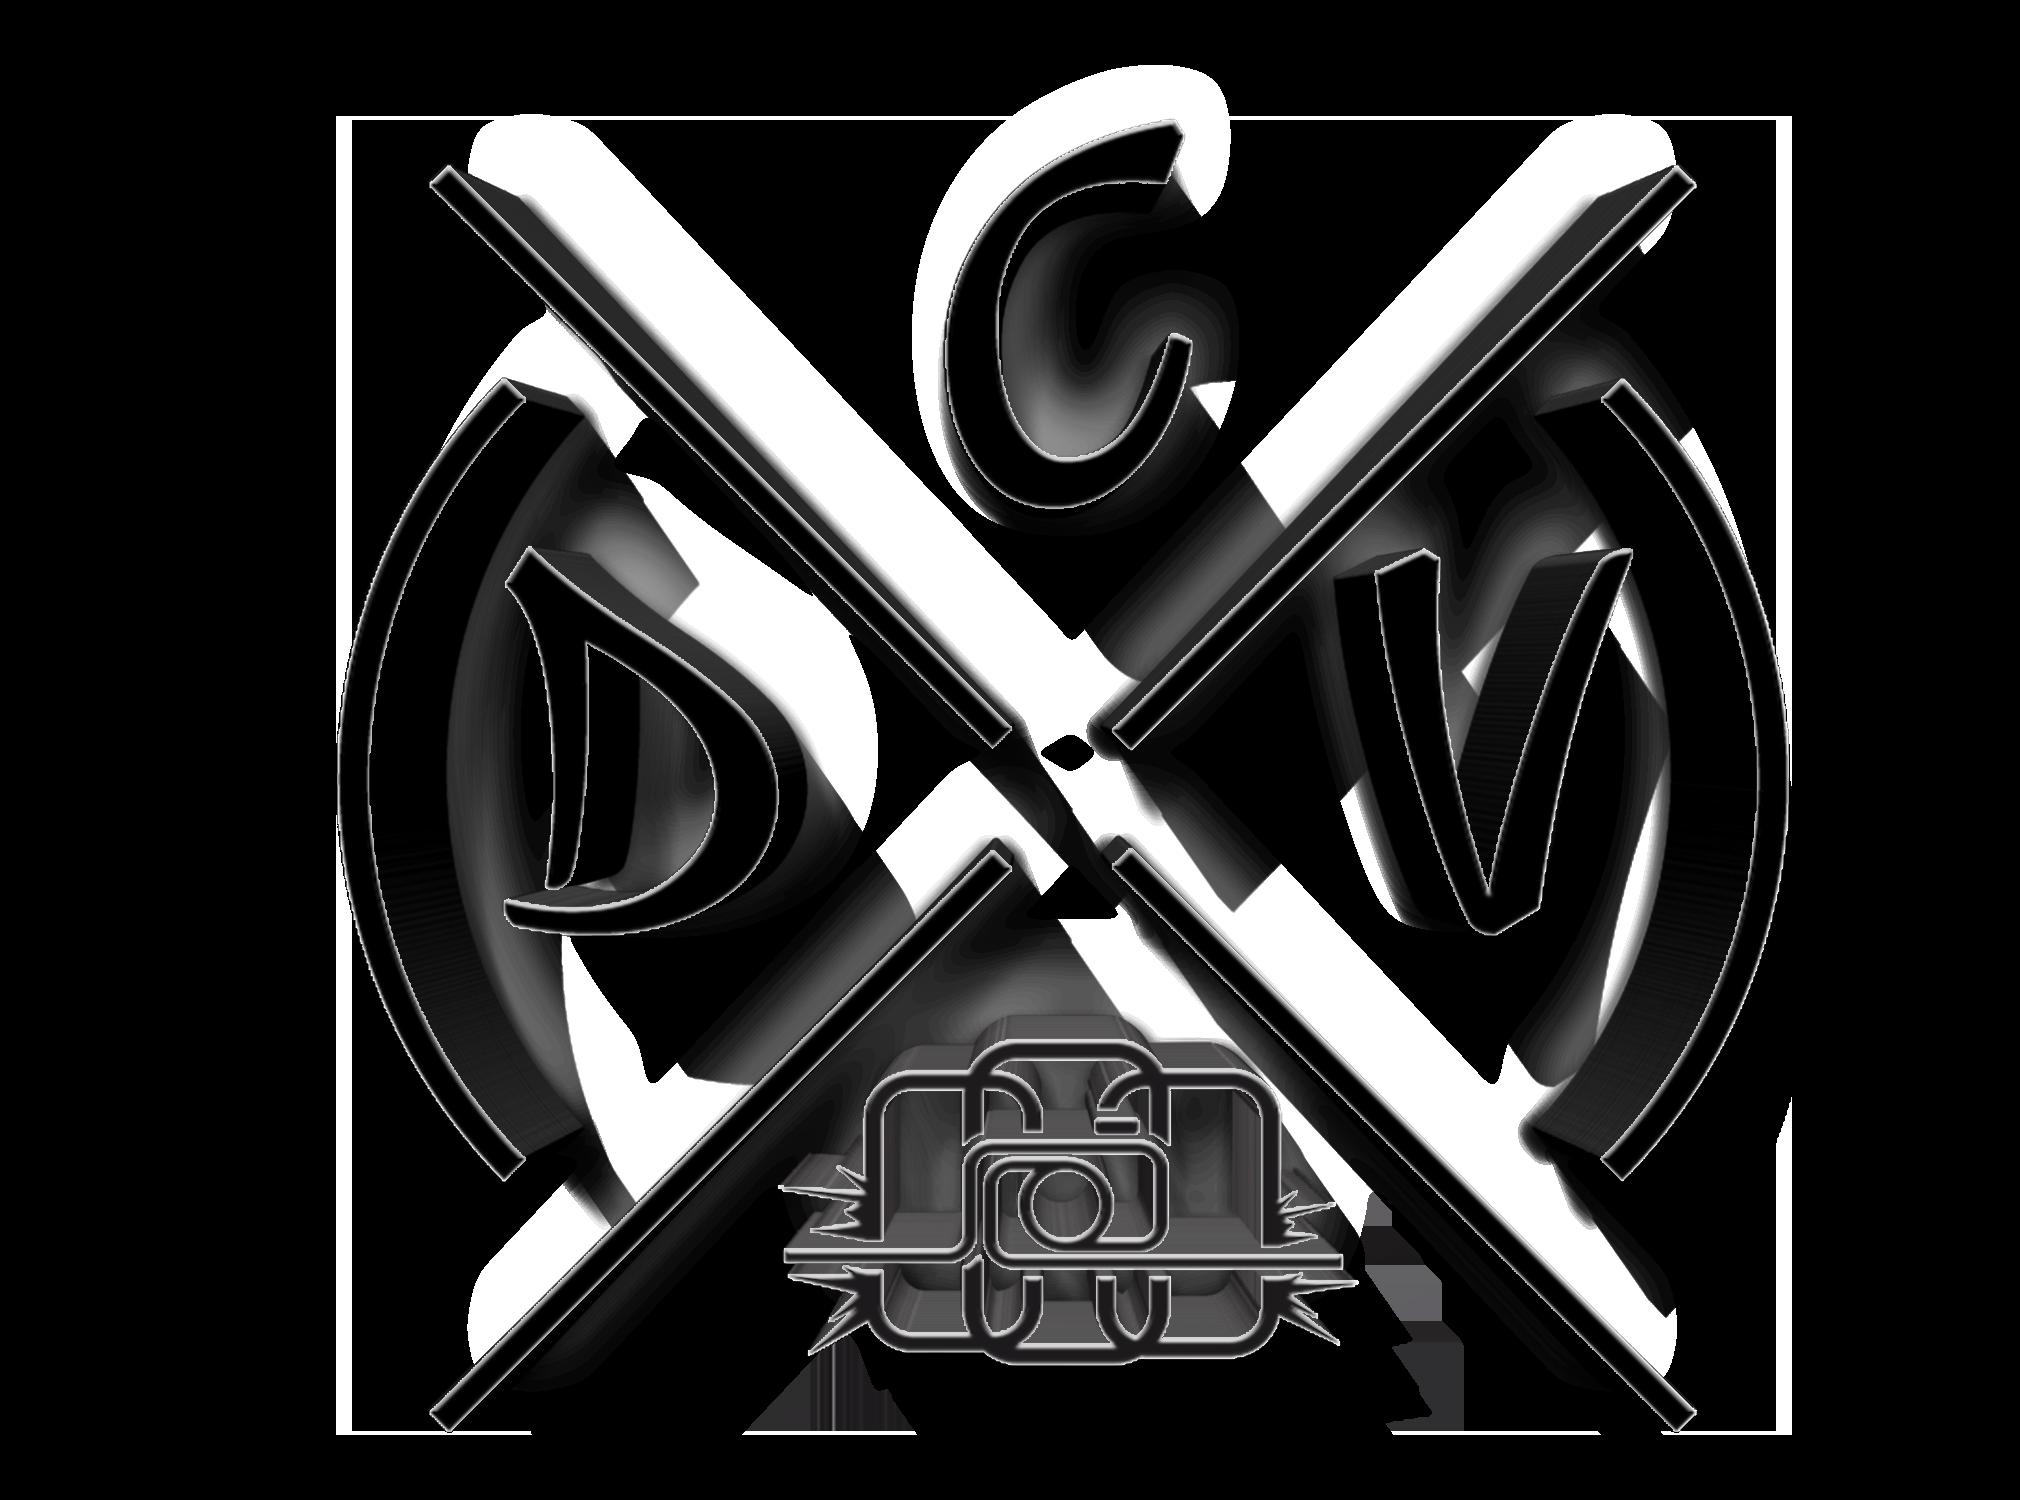 C.DaVisions